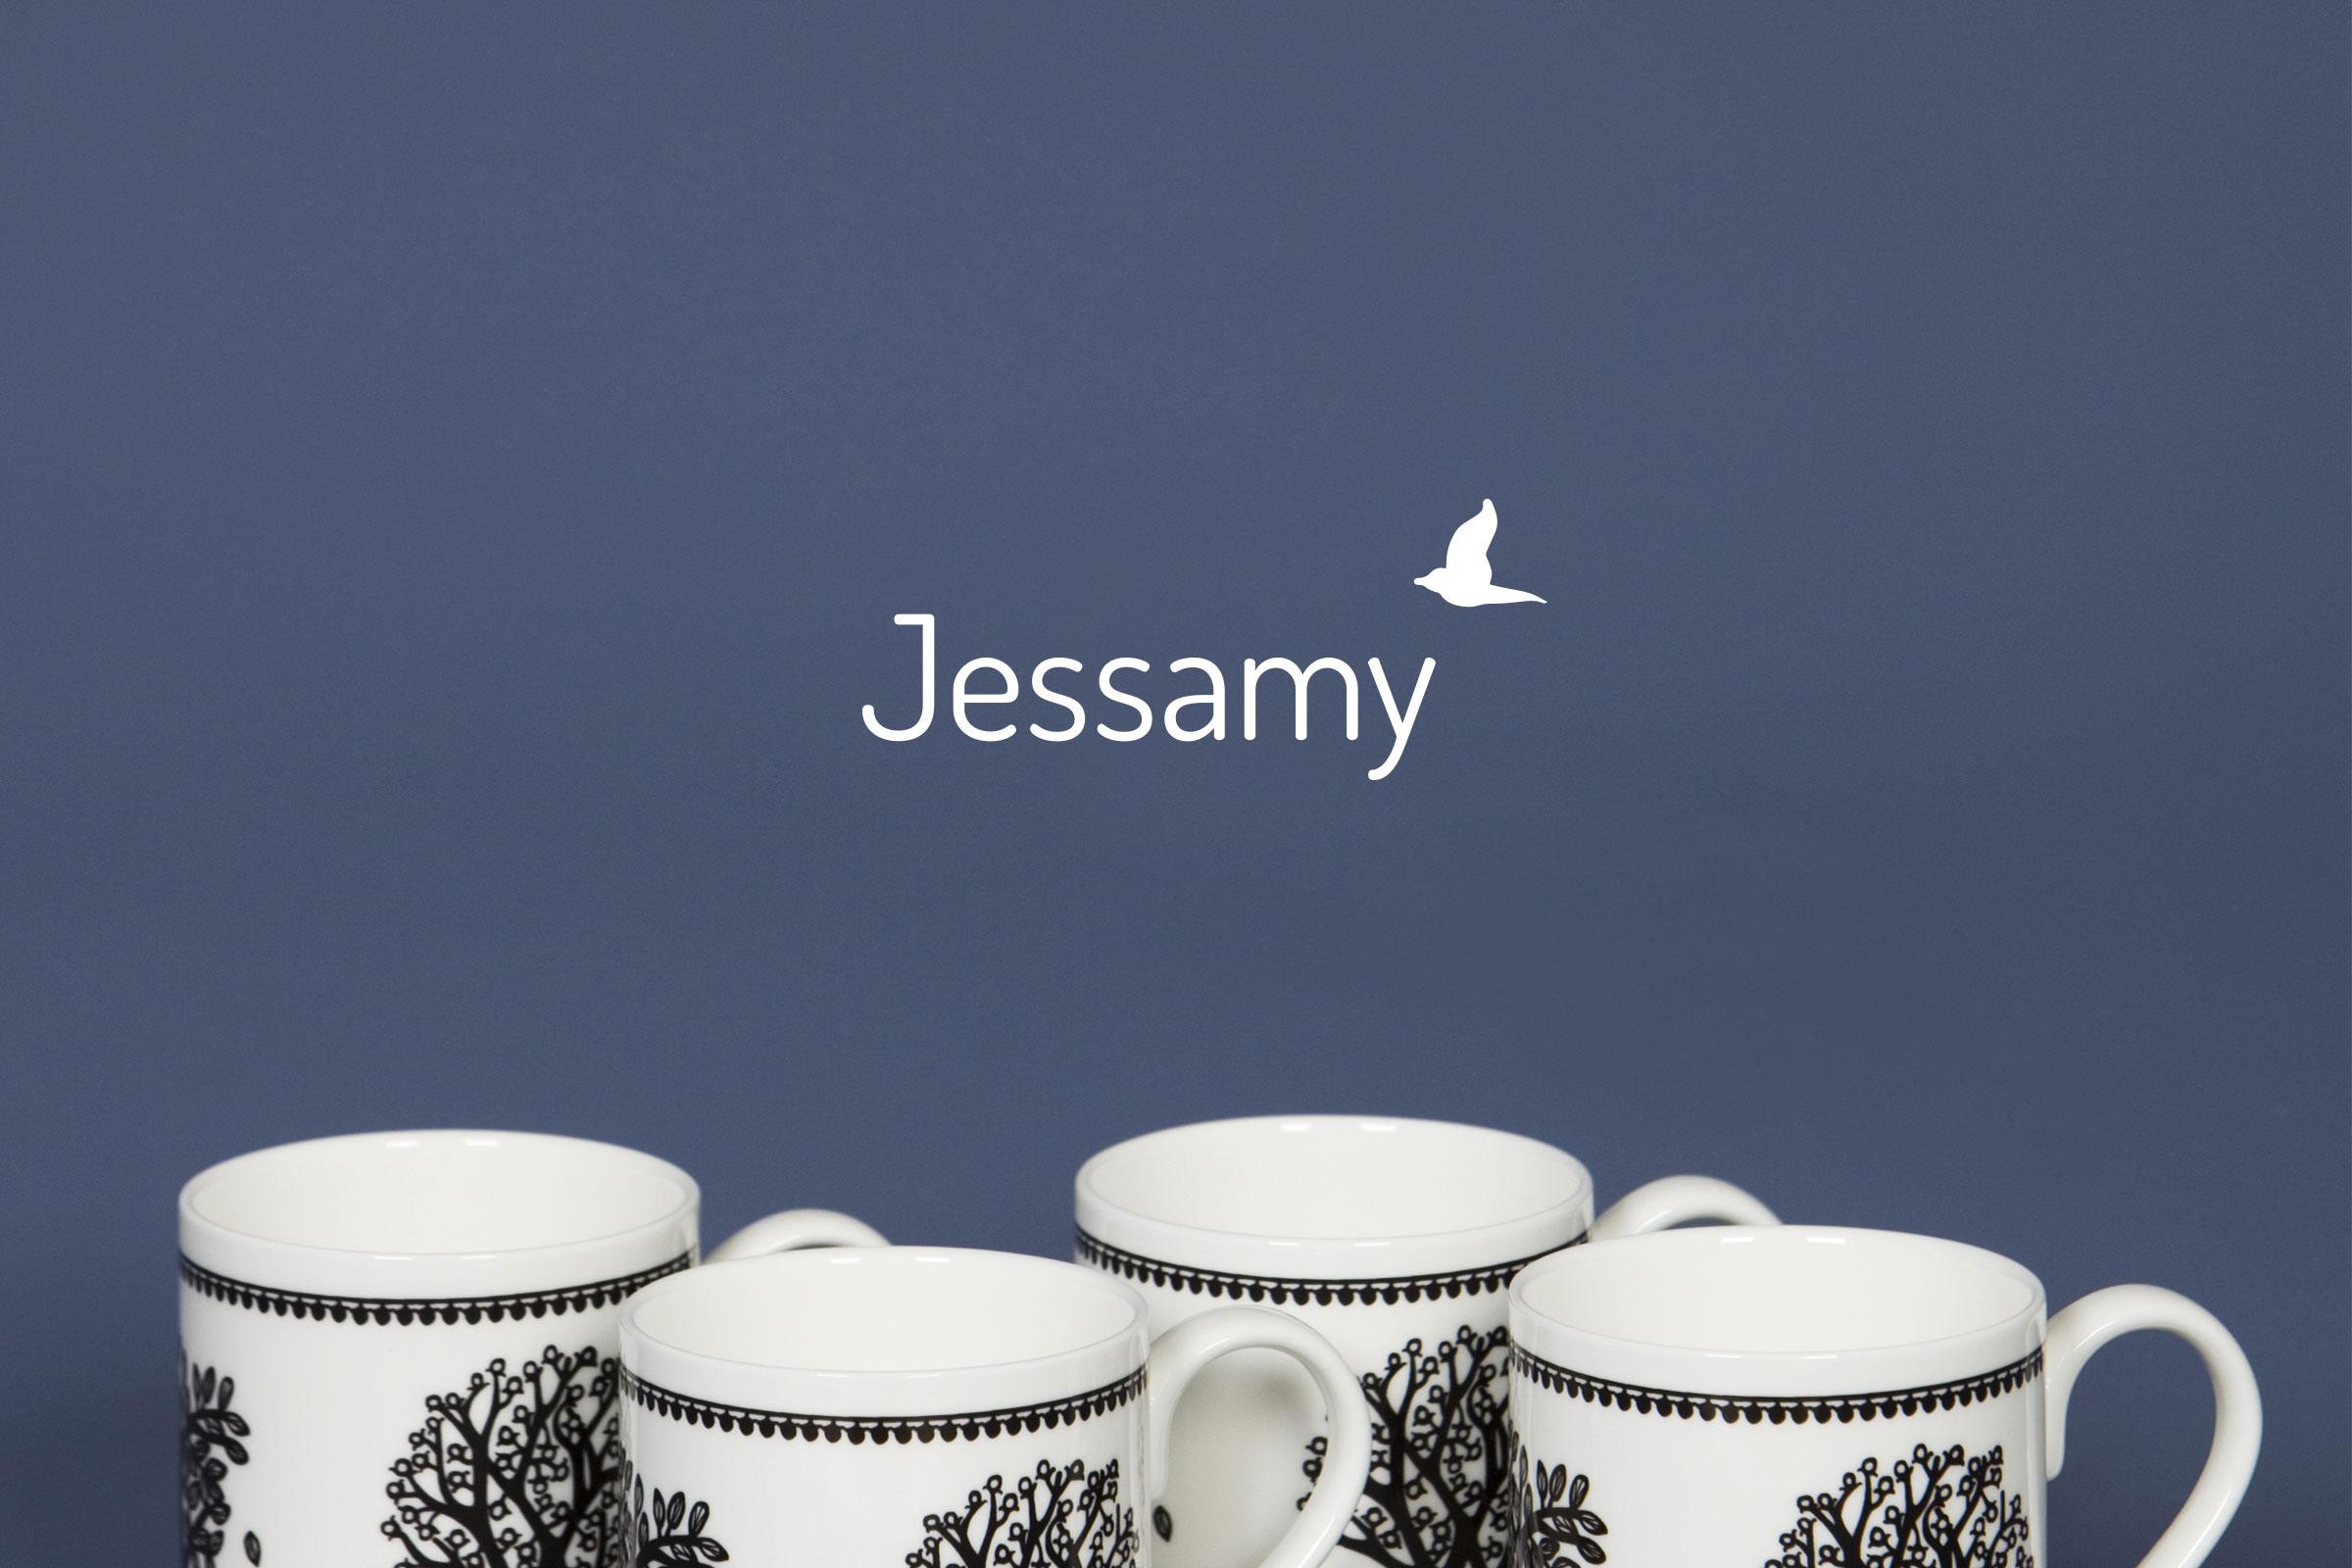 Jessamy-Llewellyn_Mugs_04.jpg